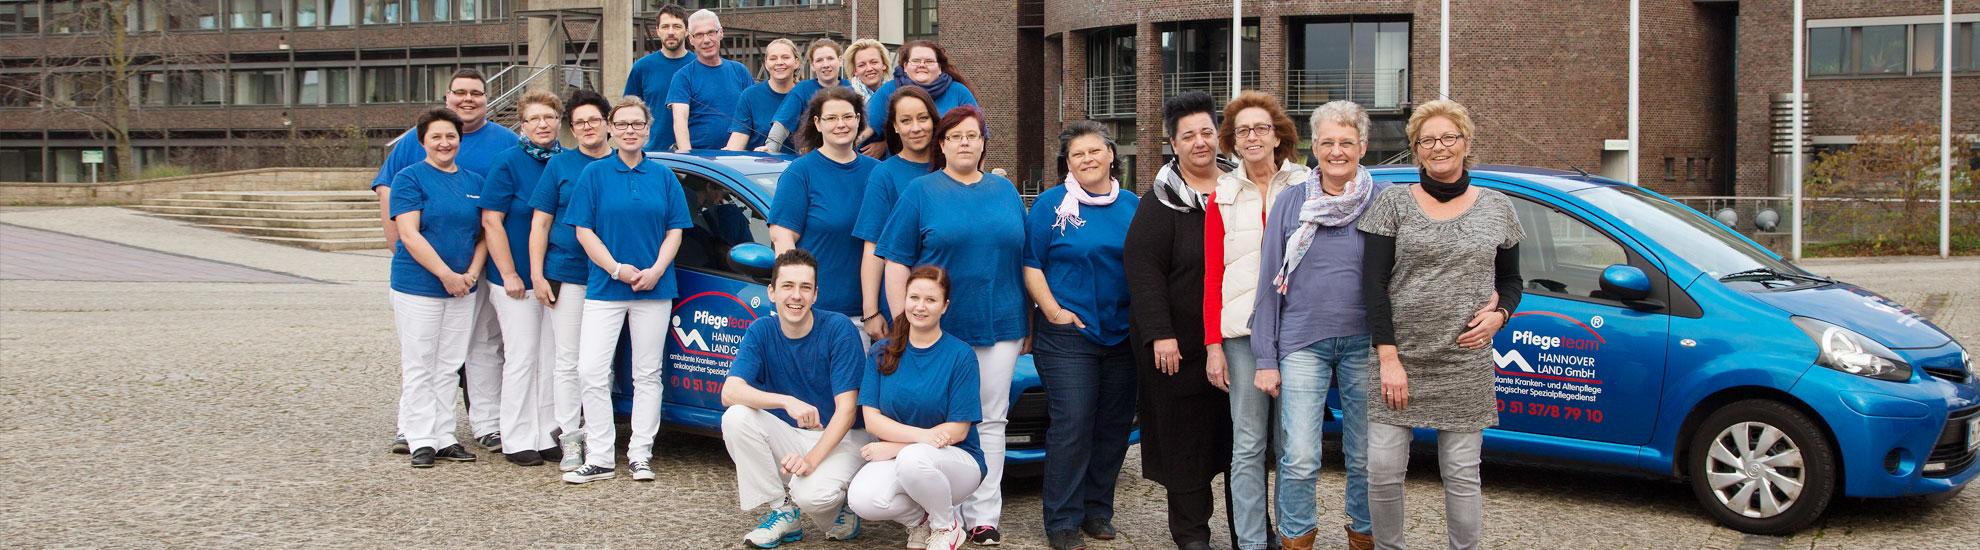 Pflegeteam Hannover Land GmbH > Ambulante Kranken- und Altenpflege · Palliativpflege · Schmerztherapie · onkologischer Spezialpflegedienst · Häusliche Versorgung